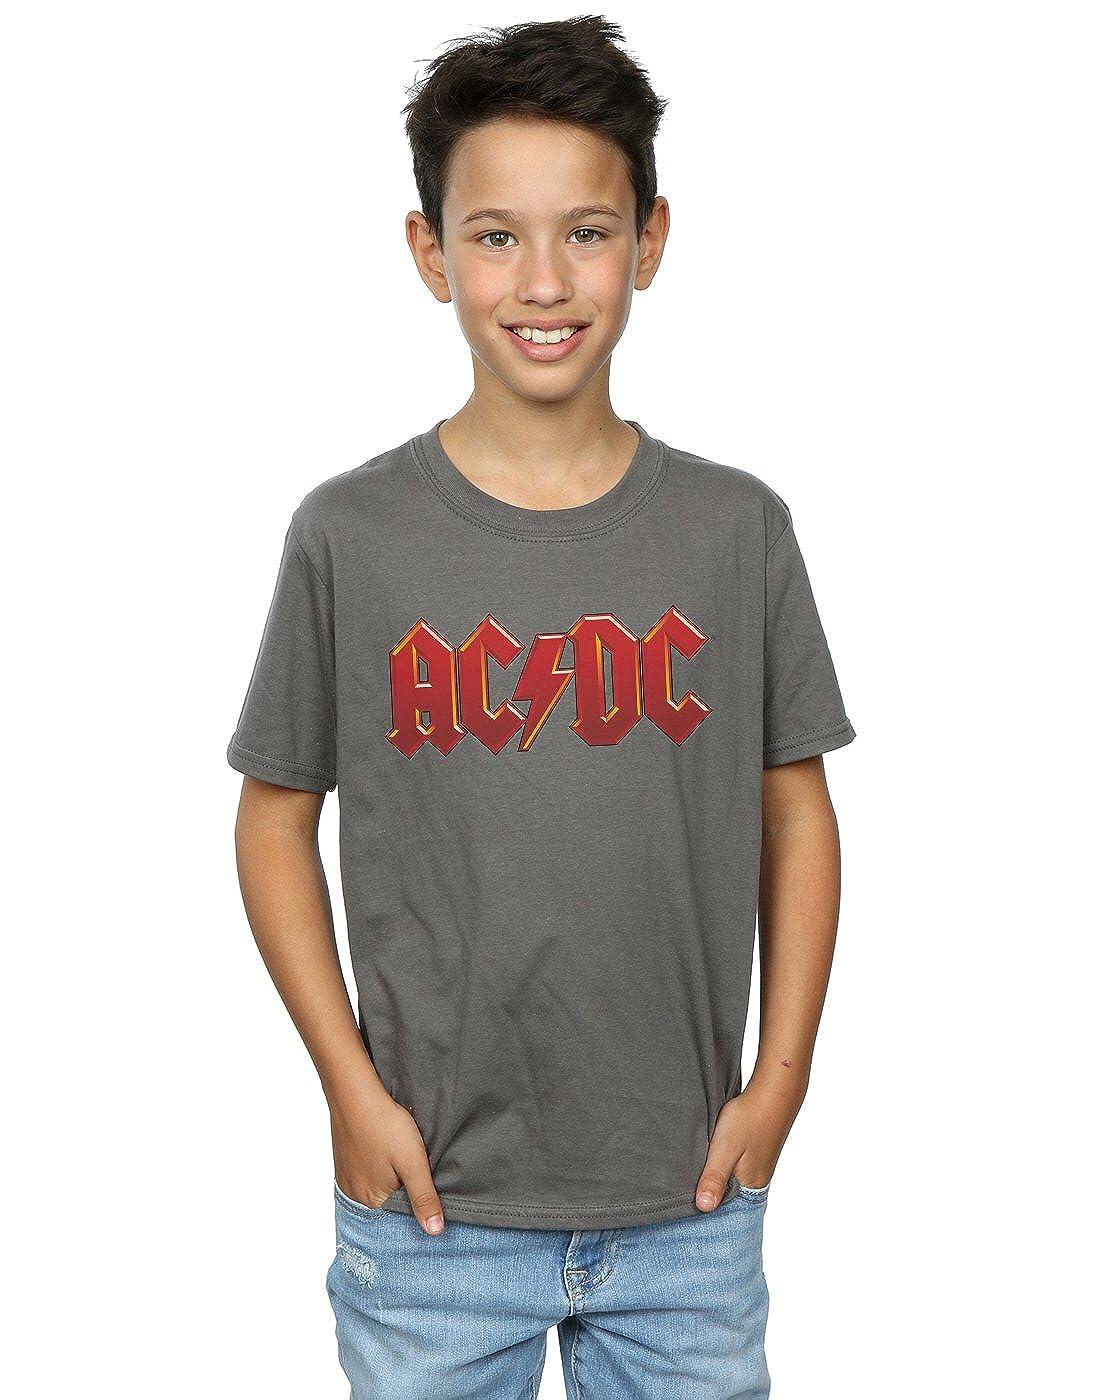 ed703f3e7 Desconocido AC DC Niños Dark Red Logo Camiseta  Amazon.es  Ropa y accesorios